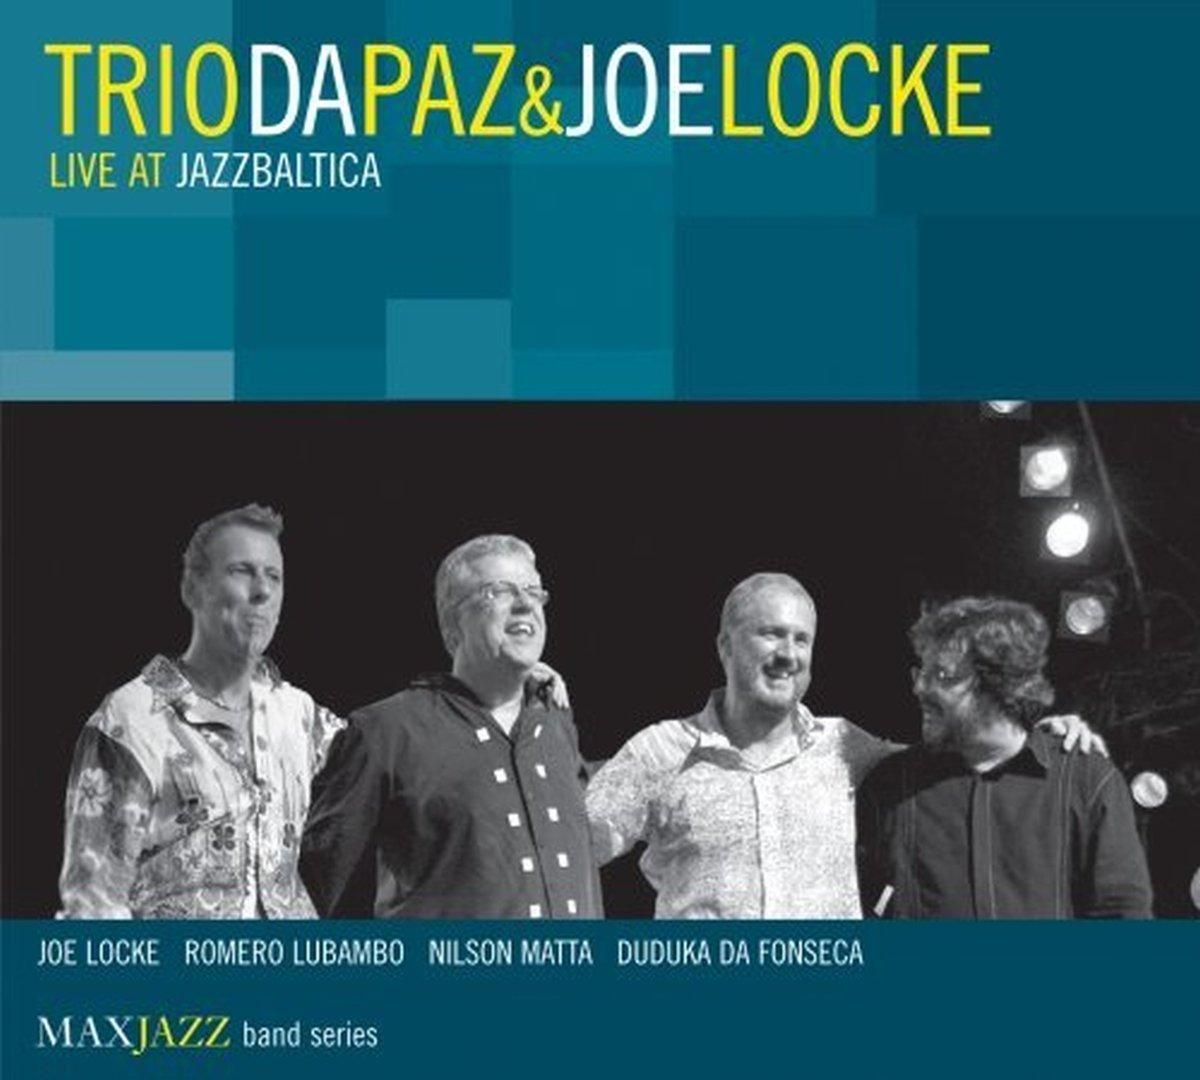 Live at JazzBaltica by MAXJAZZ